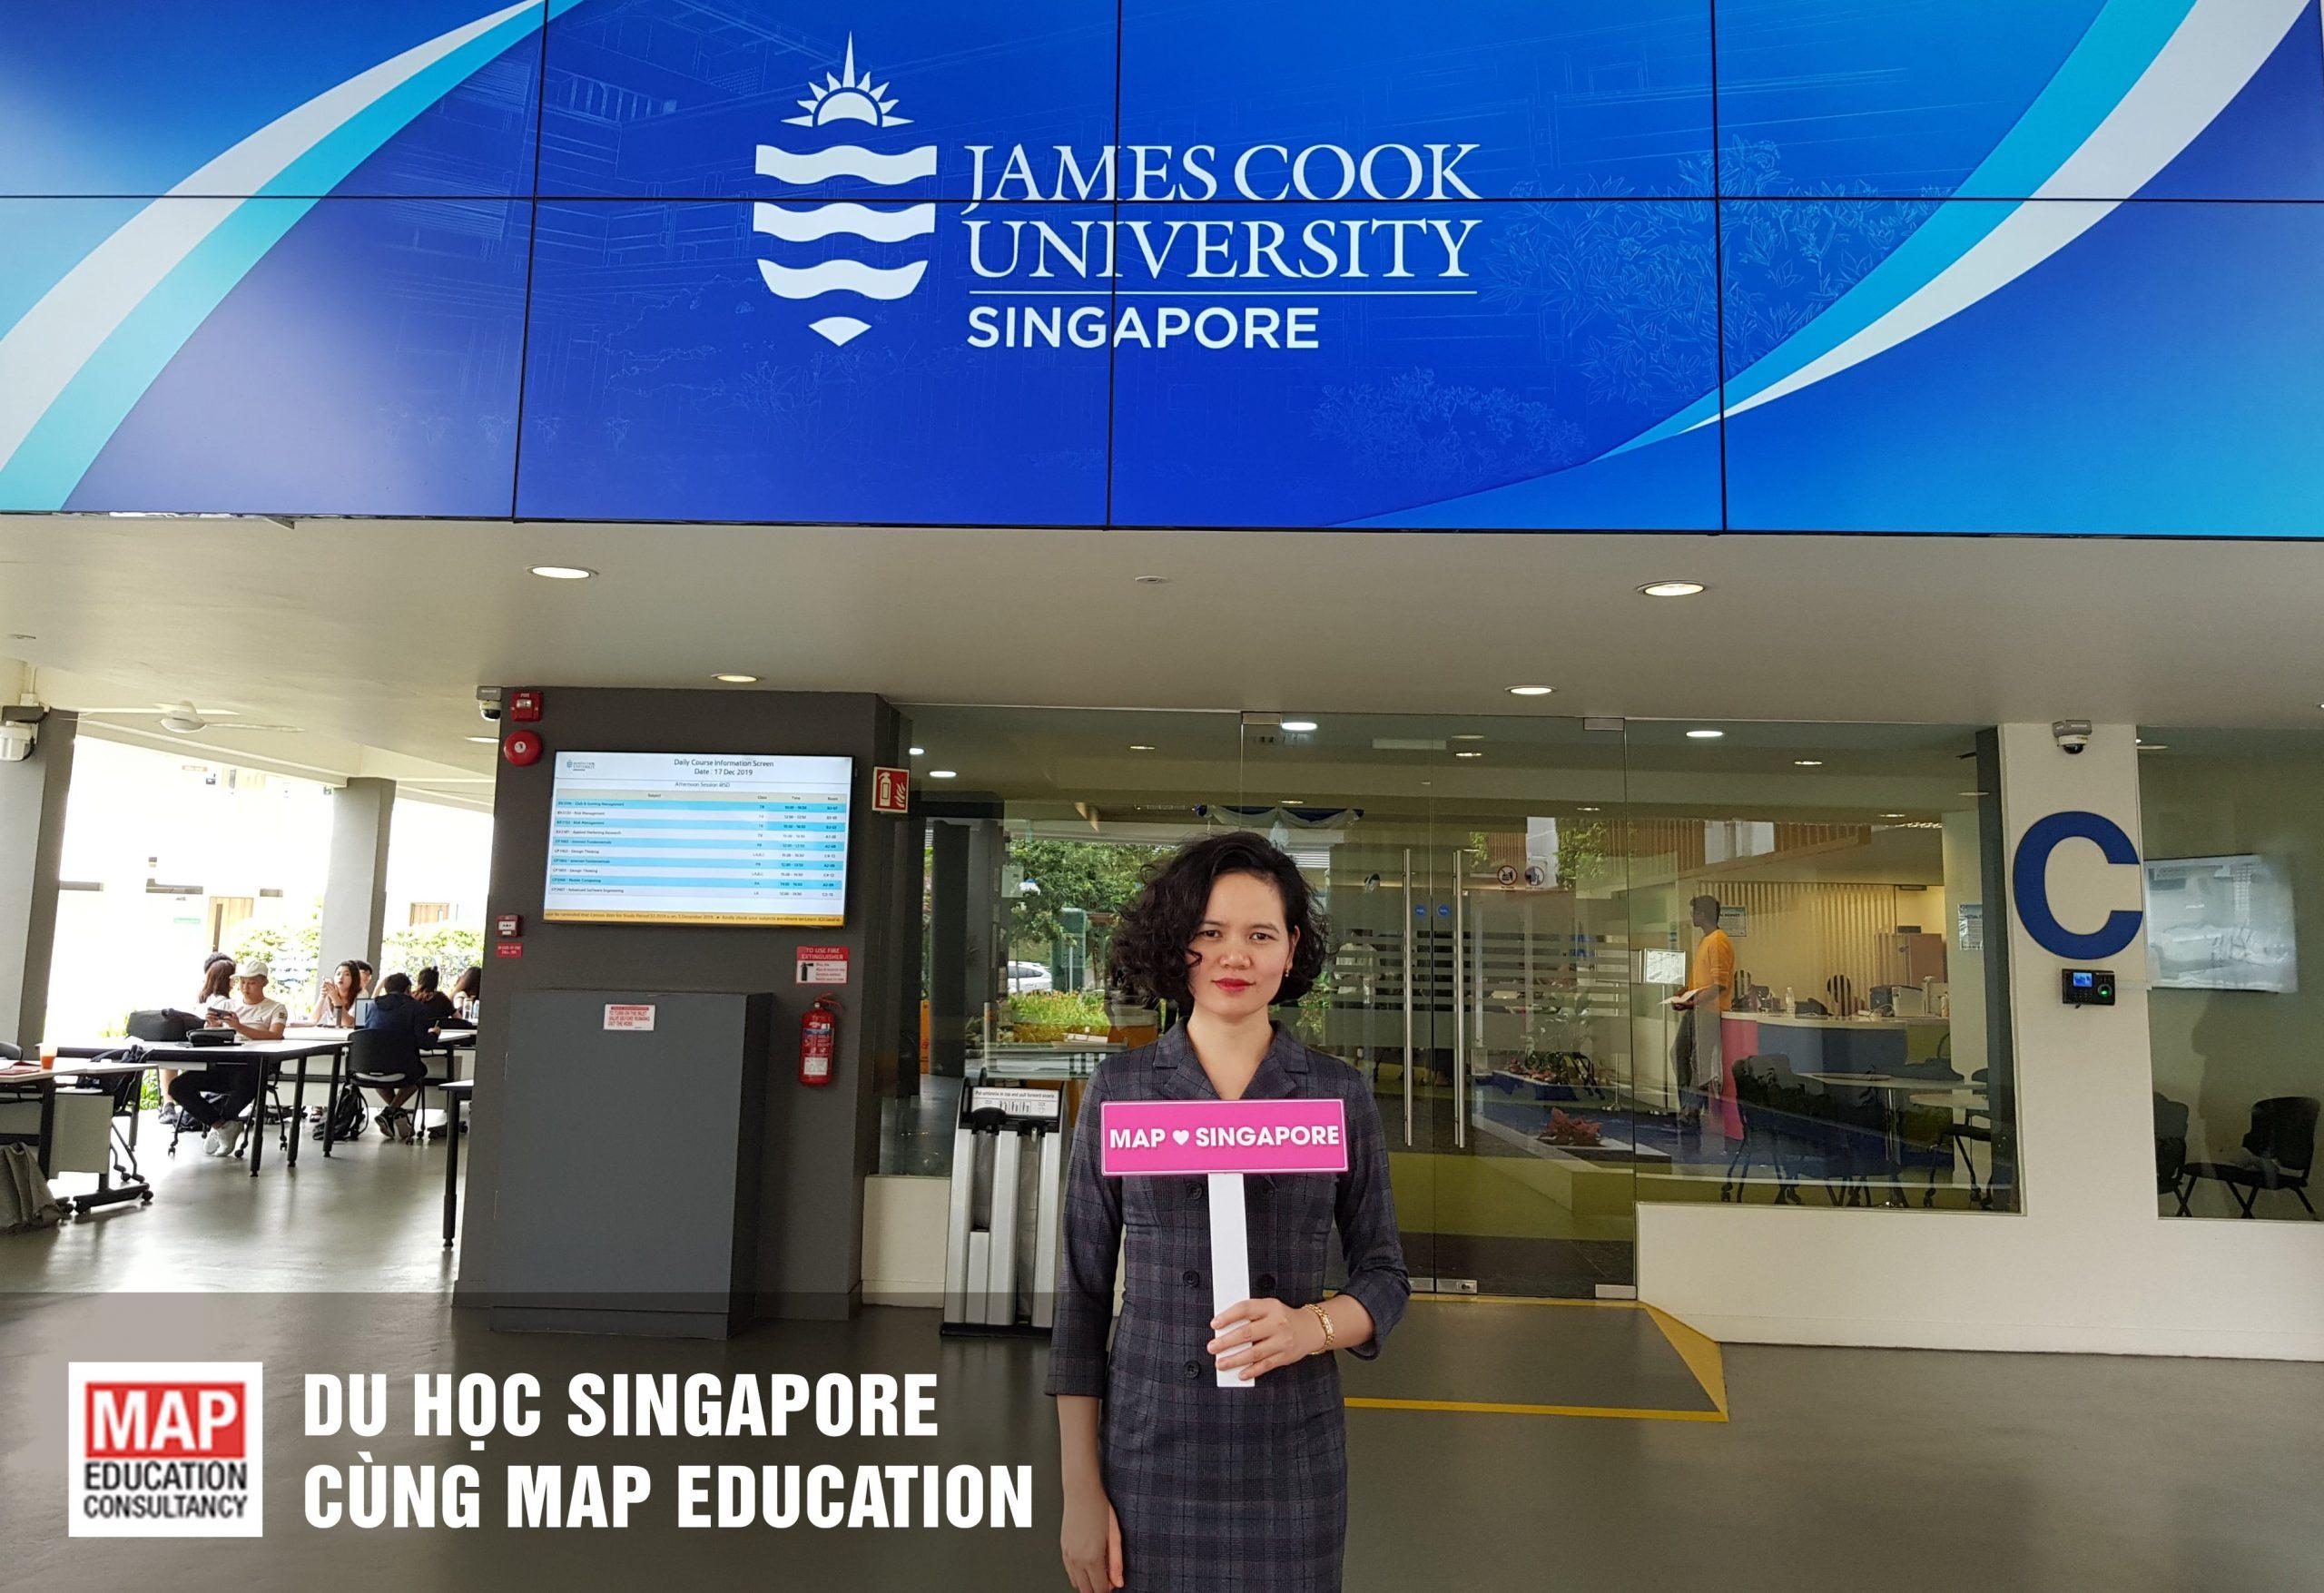 Học Bổng Đại Học James Cook Singapore Năm 2020